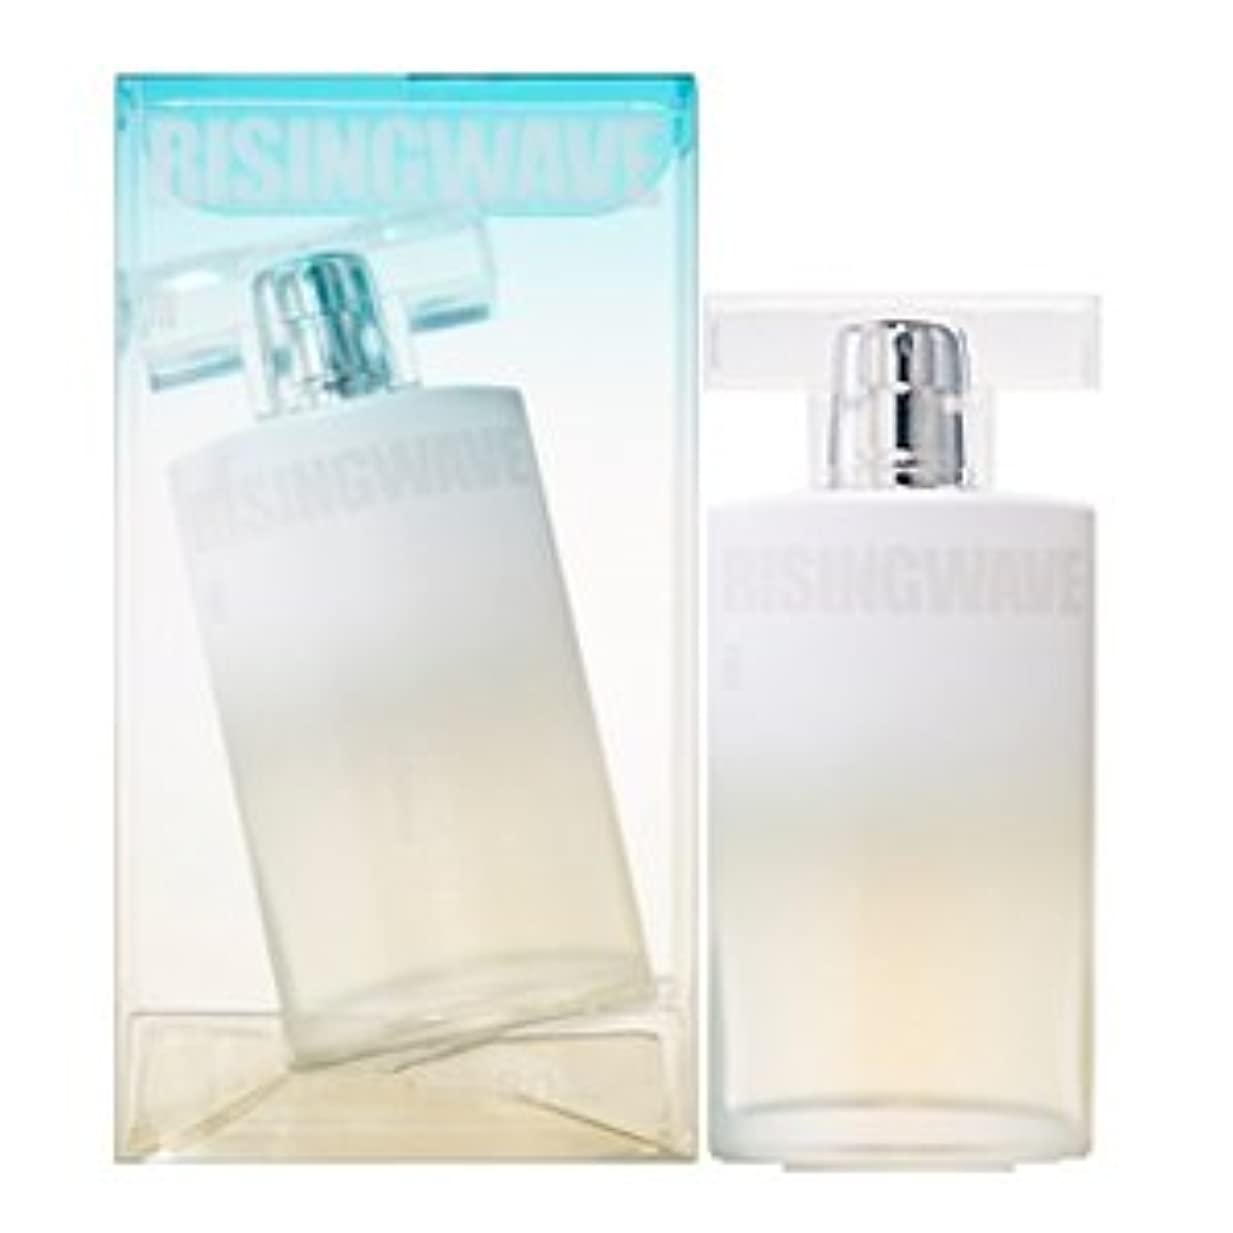 孤独スリップシューズいいねライジング ウェーブ 香水 フリーコーラルホワイト ET 50ml SP 【並行輸入品】